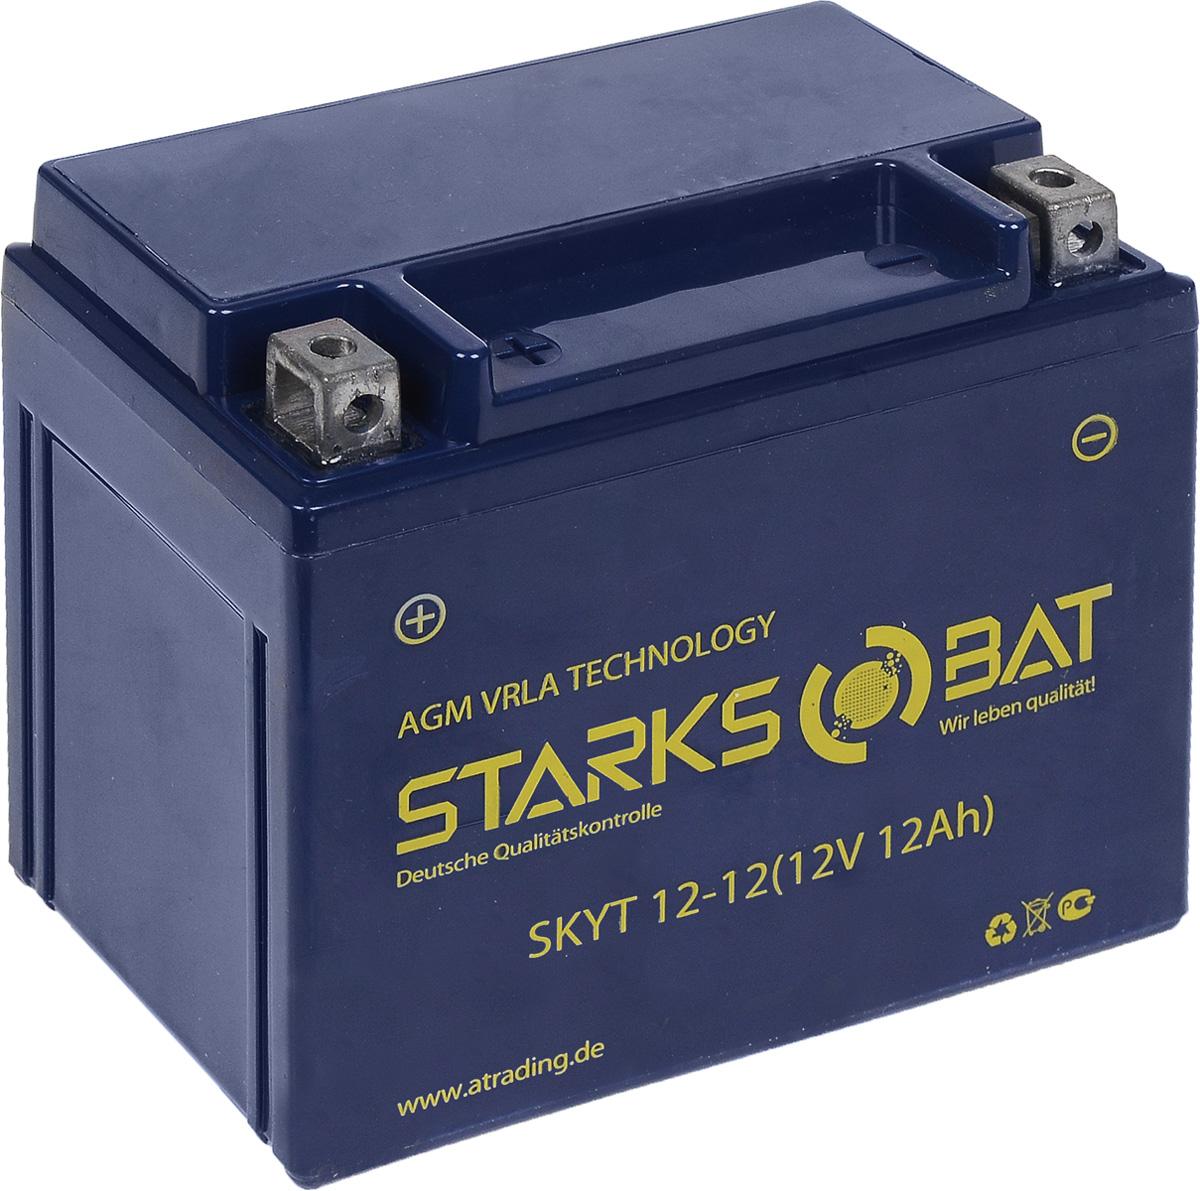 Батарея аккумуляторная для мотоциклов Starksbat. YT 12-12 (YTX14-BS)YT 12-12Аккумулятор Starksbat изготовлен по технологии AGM, обеспечивающей повышенный уровень безопасности батареи и удобство ее эксплуатации. Корпус выполнен из особо ударопрочного и морозостойкого полипропилена. Аккумулятор блестяще доказал свои высокие эксплуатационные свойства в самых экстремальных условиях бездорожья, высоких и низких температур.Аккумуляторная батарея Starksbat производится под знаменитым немецким контролем качества, что обеспечивает ему высокие пусковые характеристики и восстановление емкости даже после глубокого разряда.Напряжение: 12 В.Емкость: 12 Ач.Полярность: прямая (+ -).Ток холодной прокрутки: 155 Аh (EN).